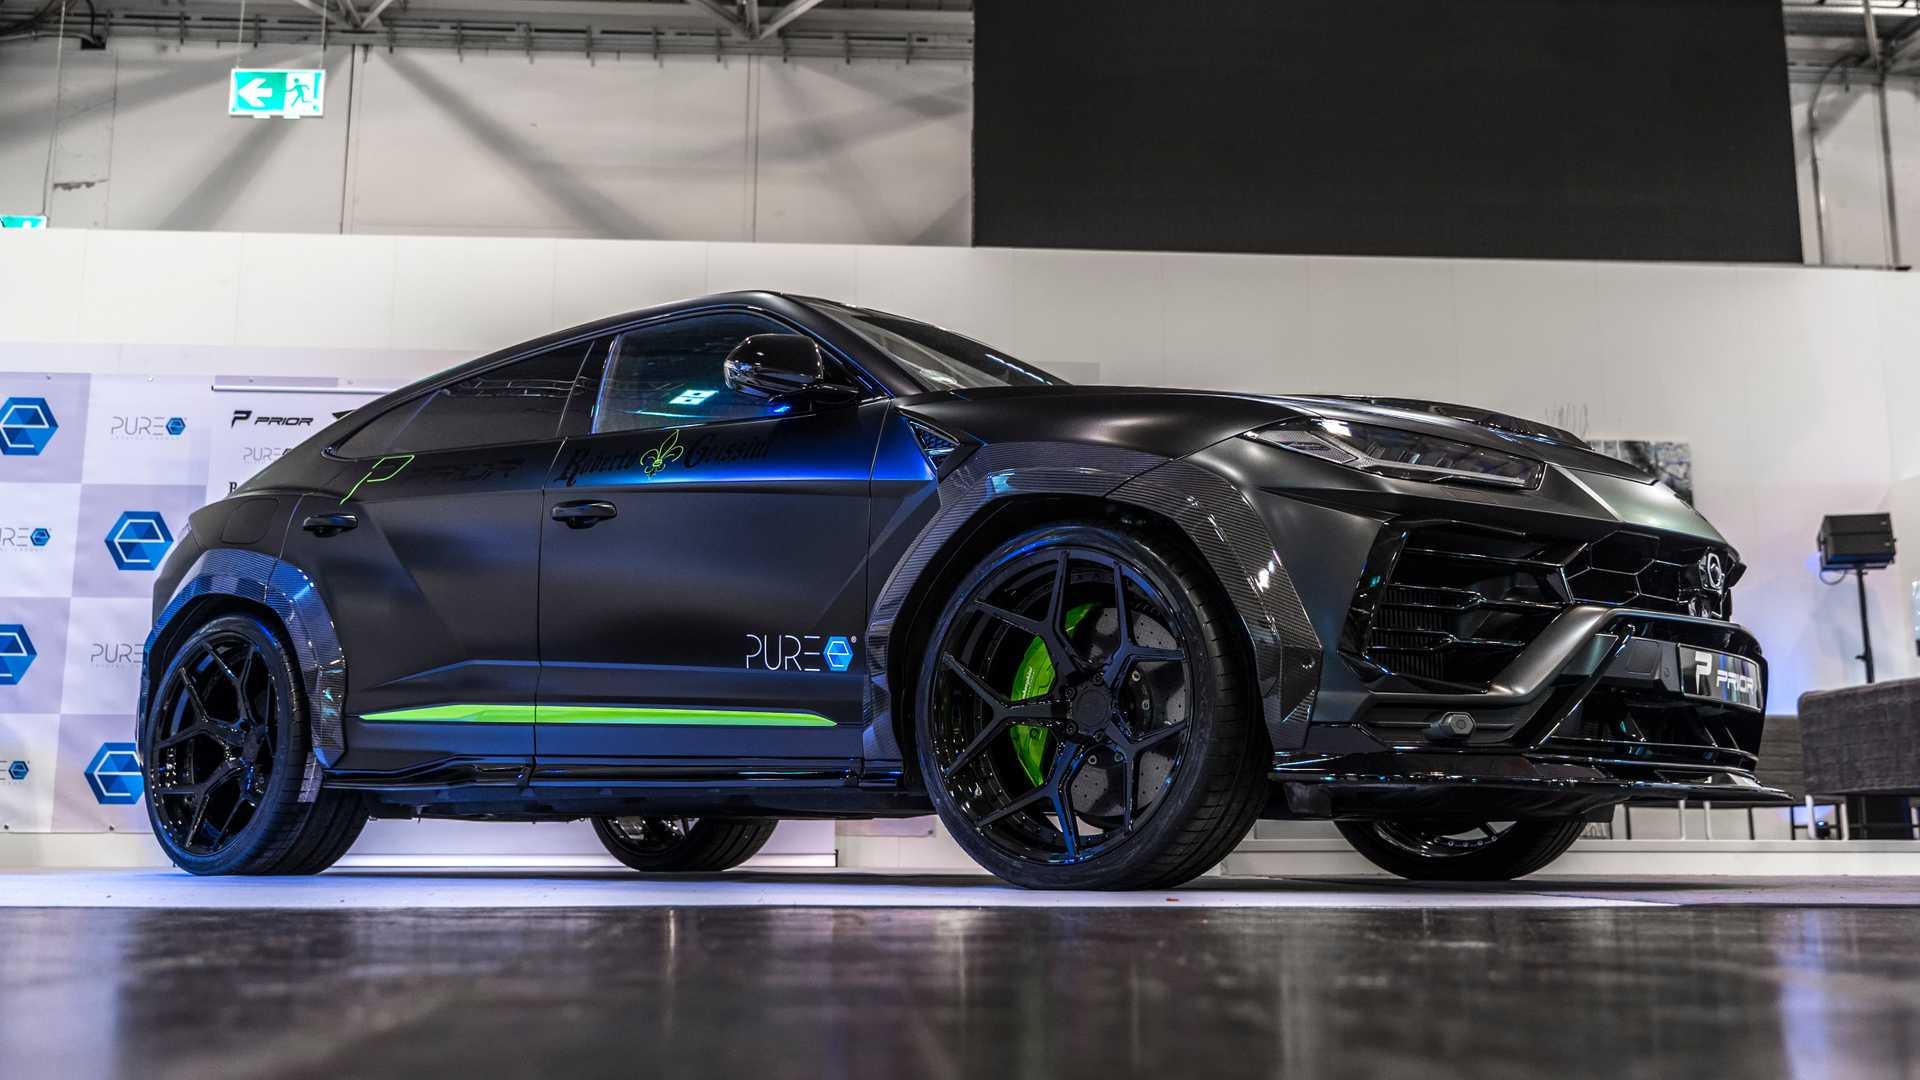 Мастерская Prior Design представила достаточно спорный кузовной обвес для Lamborghini Urus. В центре внимания – широкие крылья, гигантский диффузор и выпуклый капот.